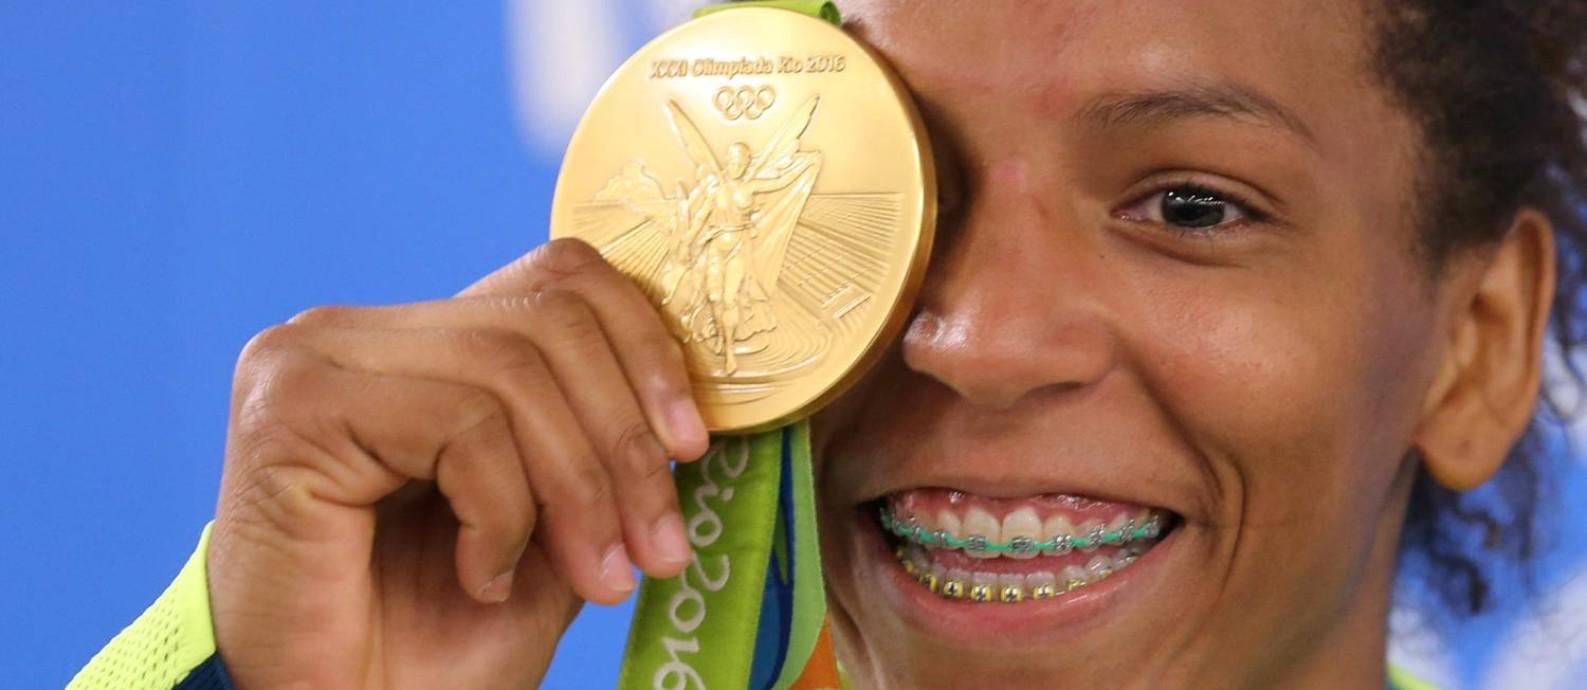 Ouro de Rafaela Silva inspira novas gerações Foto: Marcelo Theobald/Agência O Globo